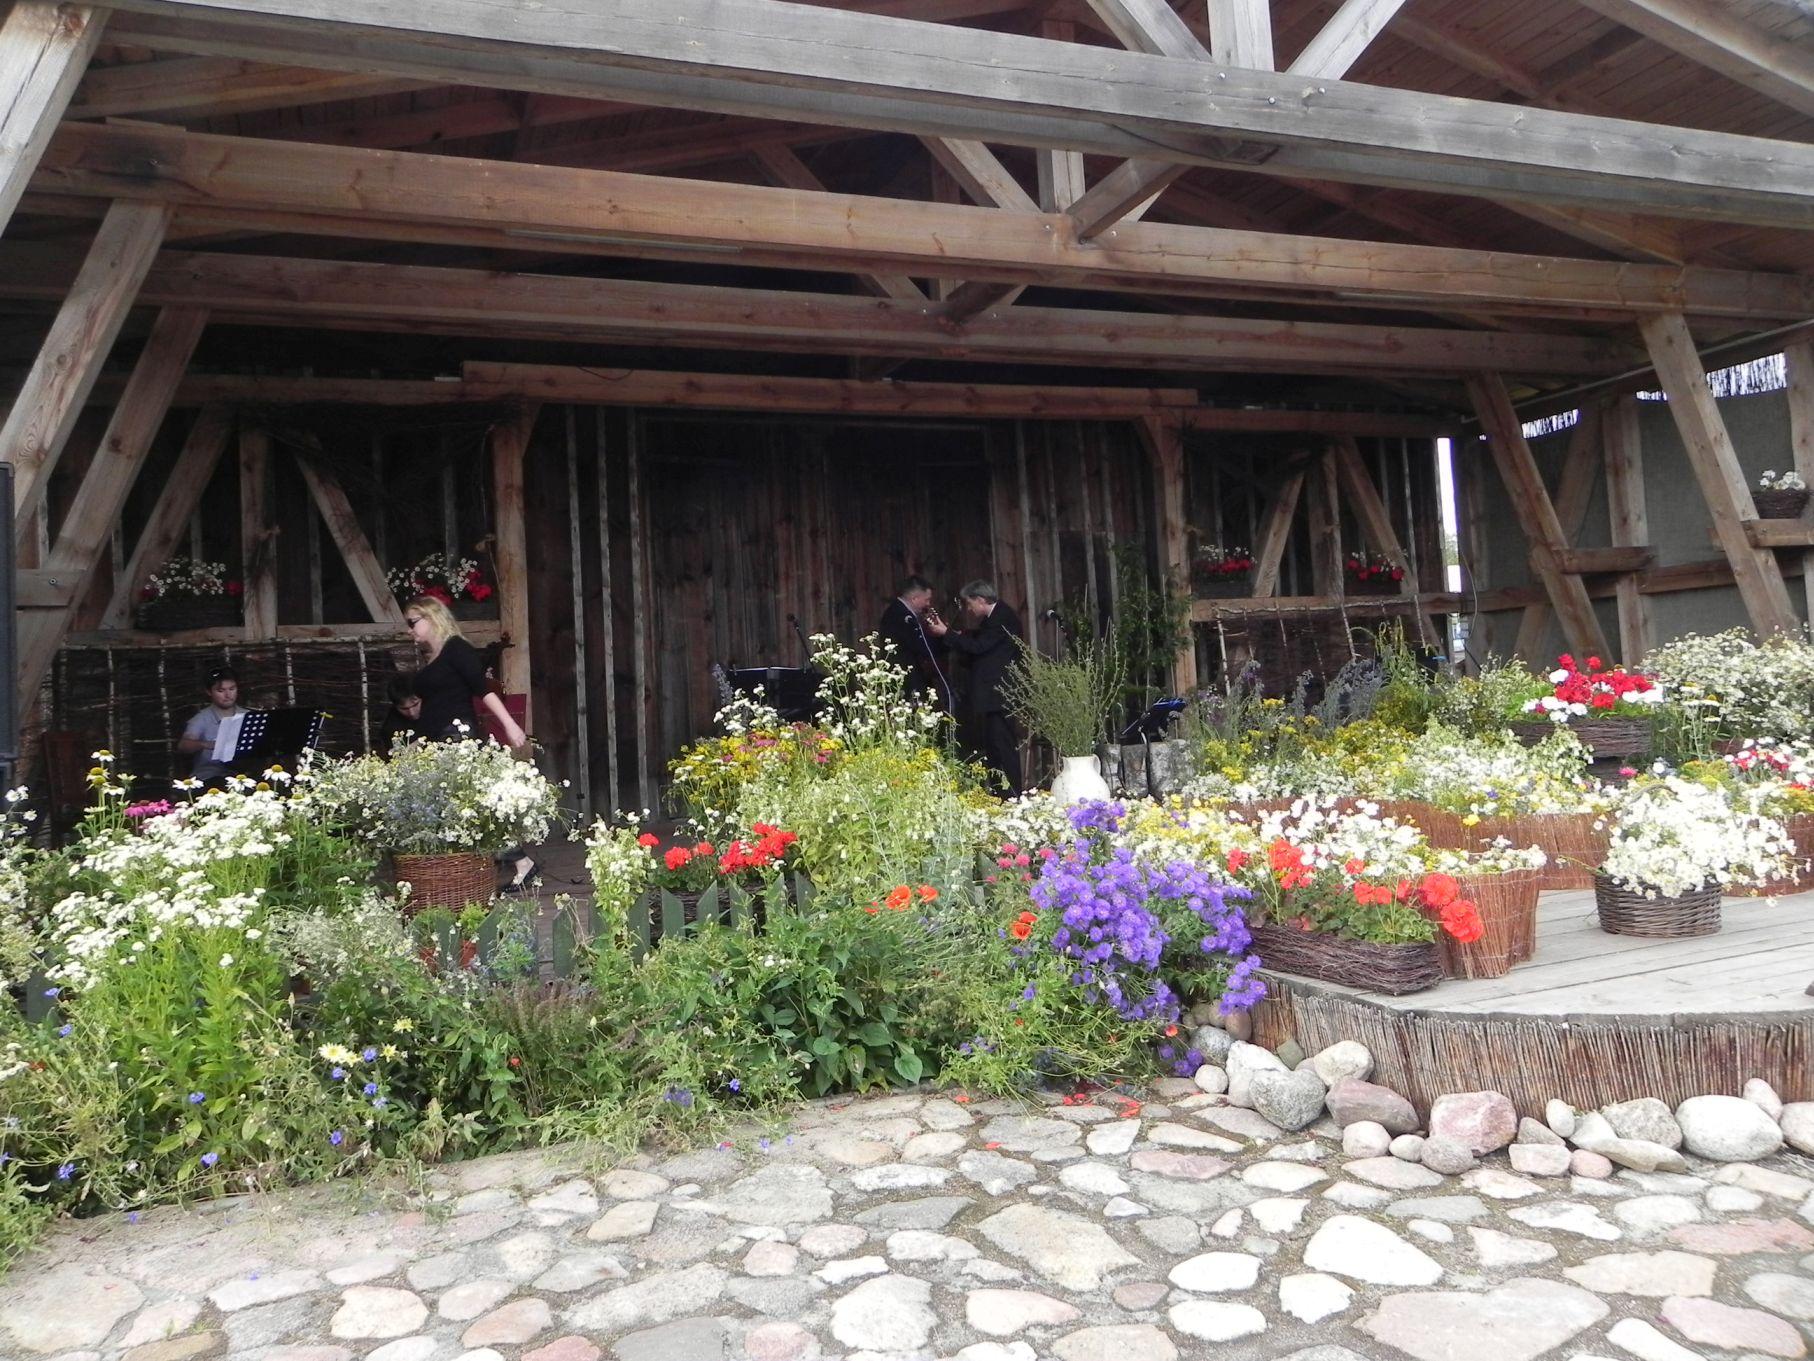 Kamionka - wioski tematyczne (121)